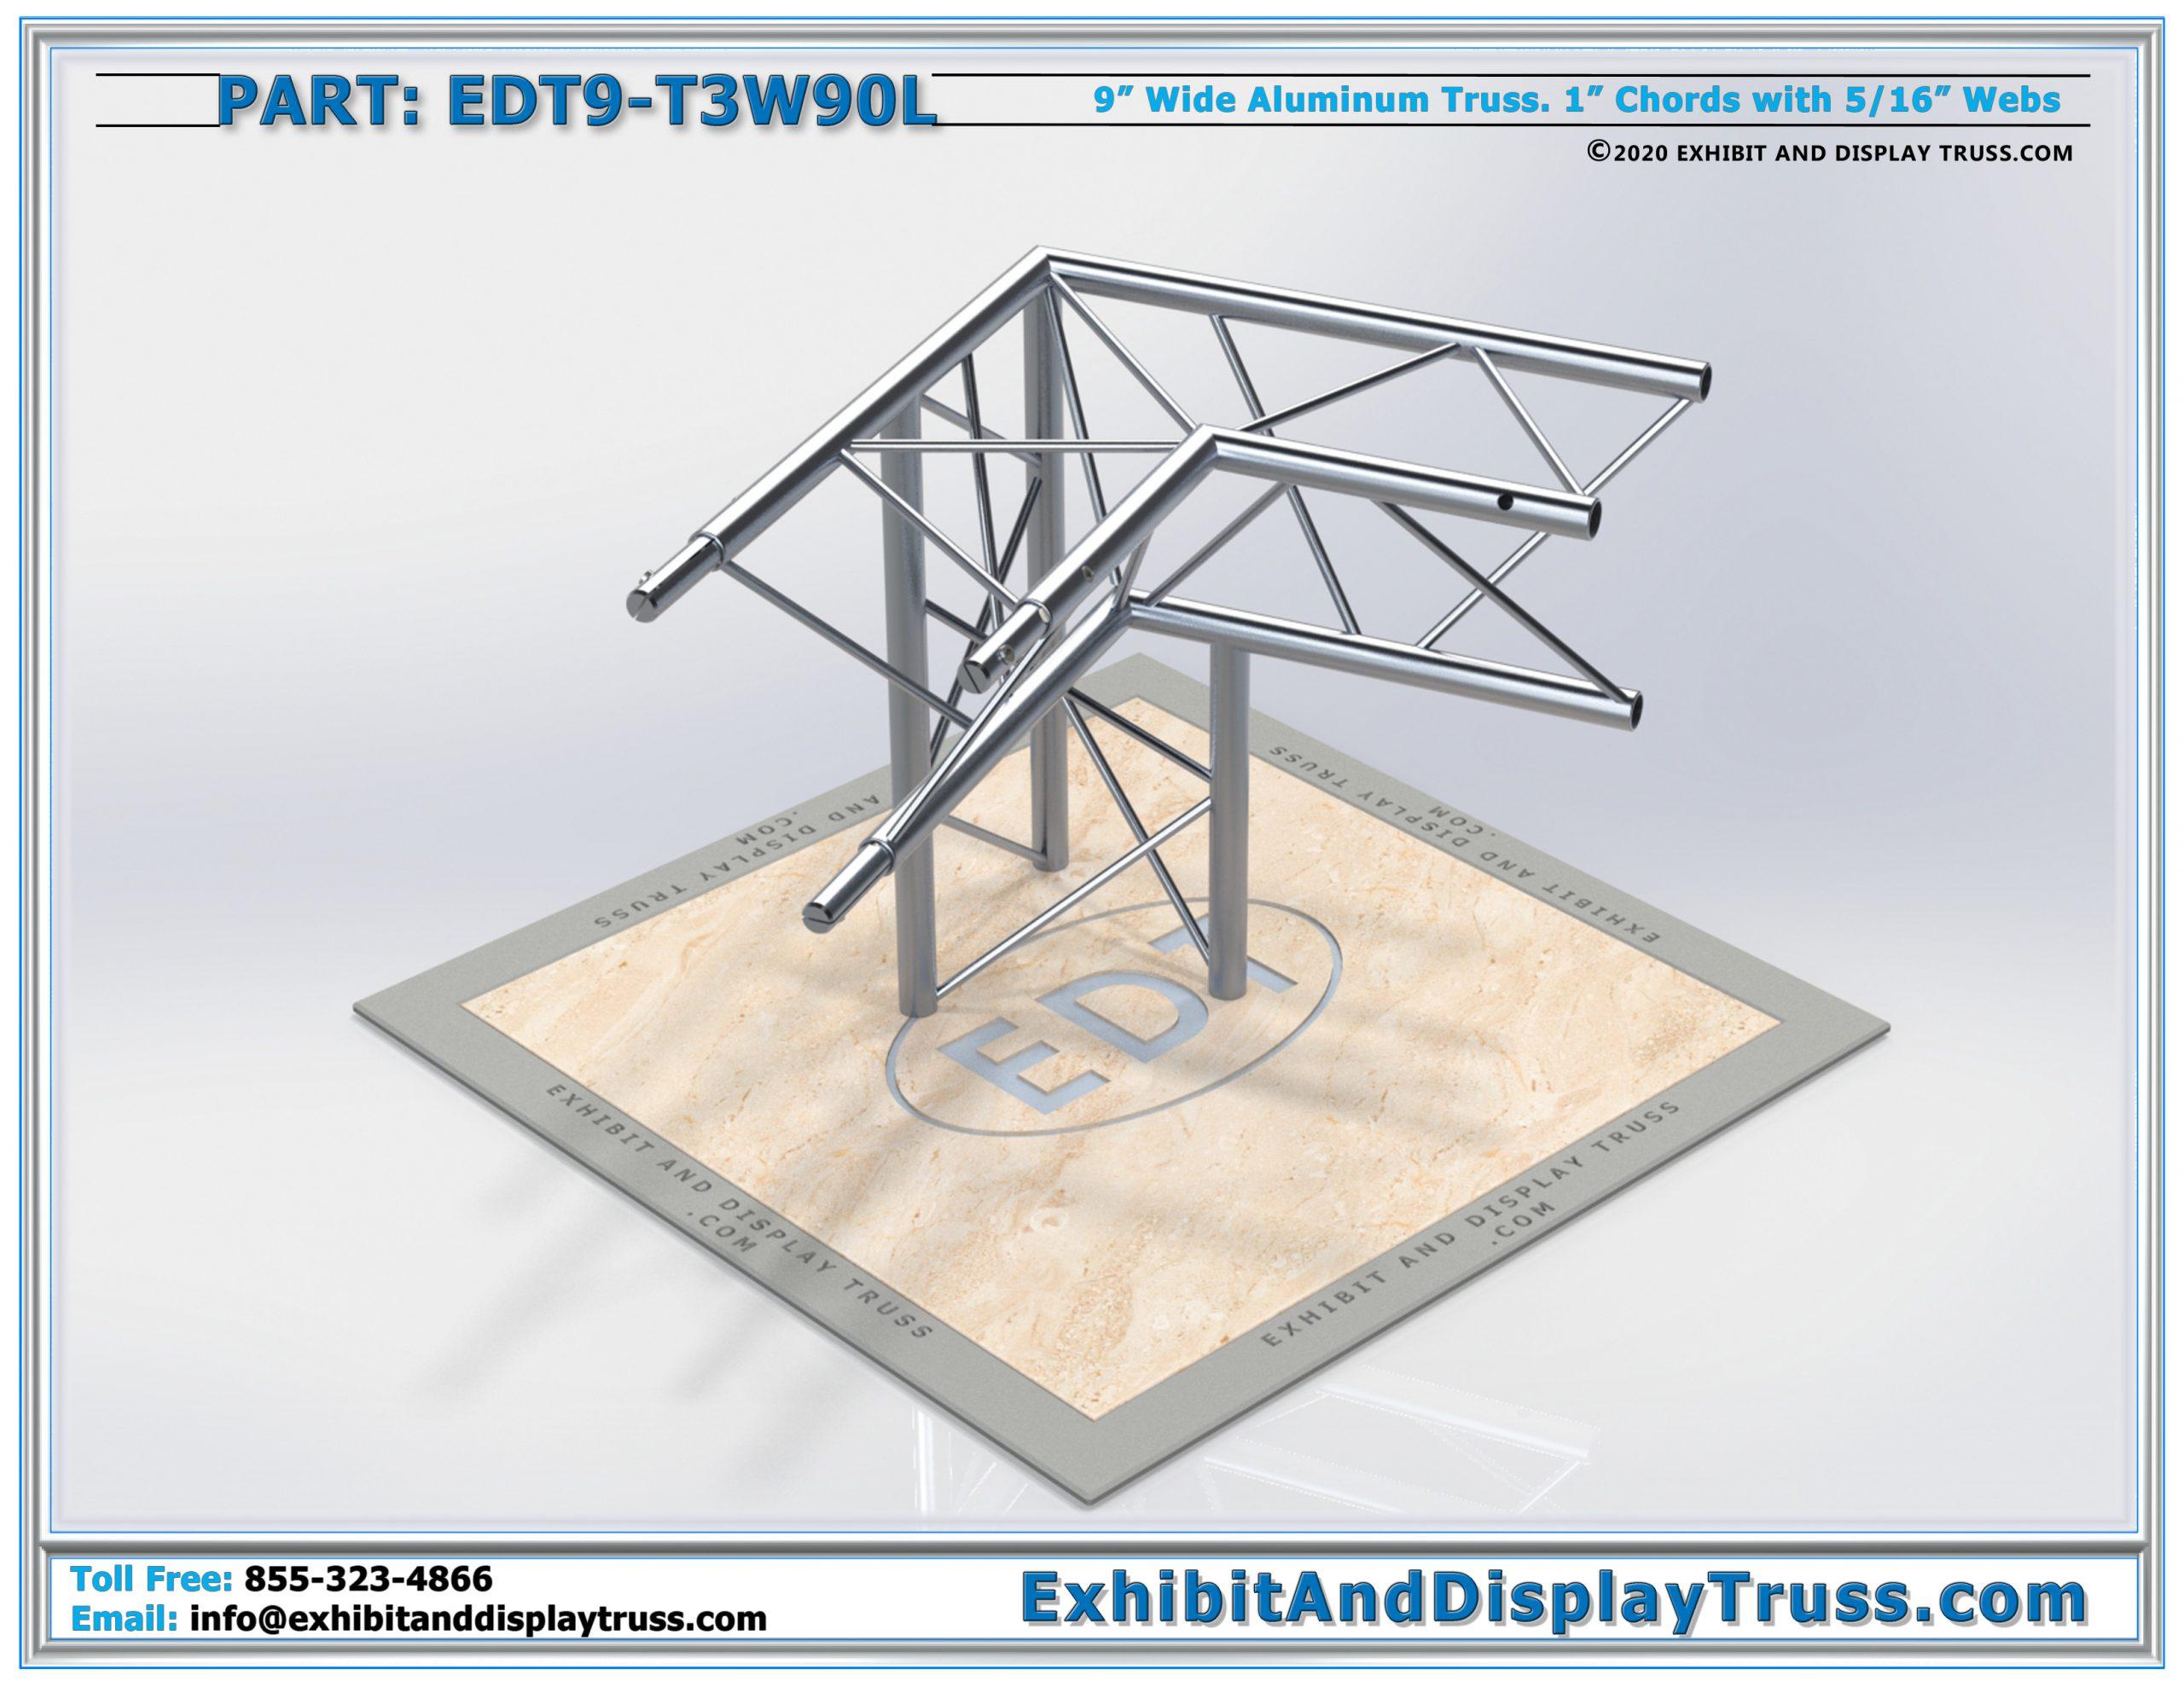 EDT9-T3W90L / 3 Way 90° Junction Left